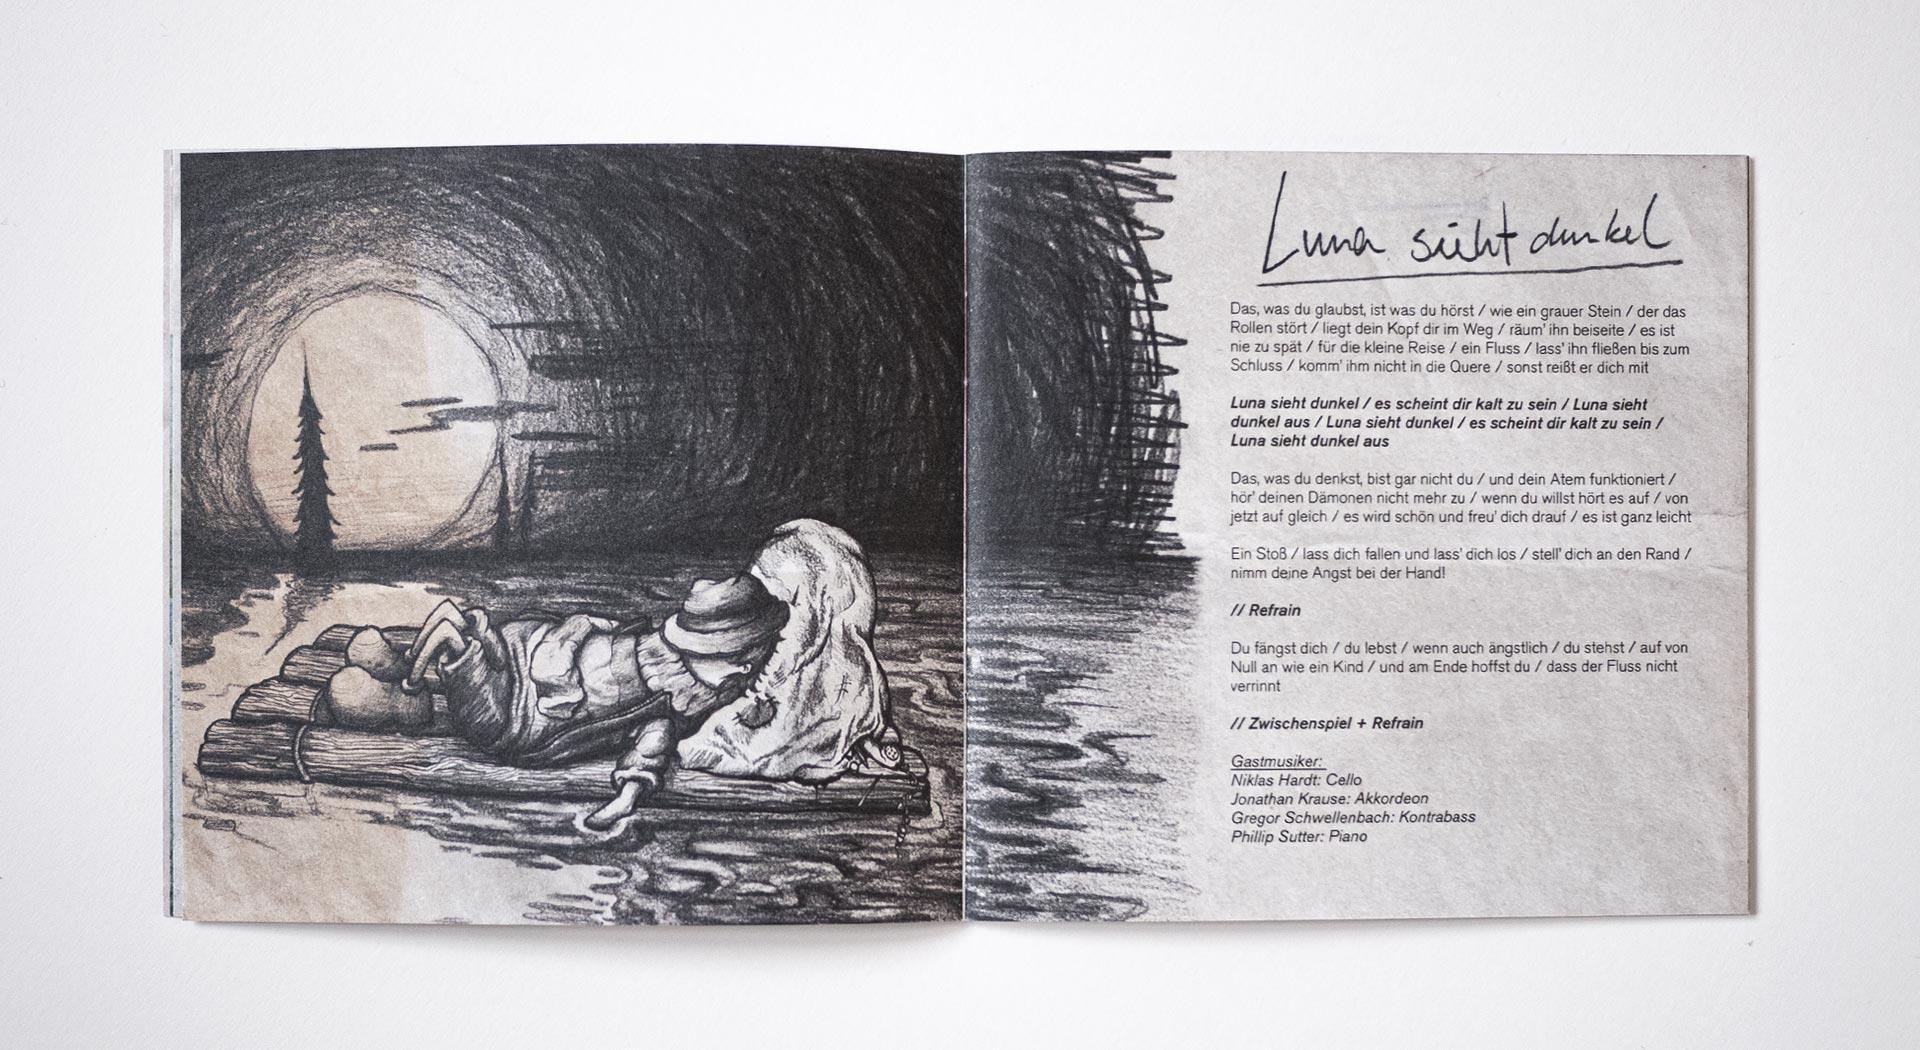 Liedfett_booklet_lunasieht